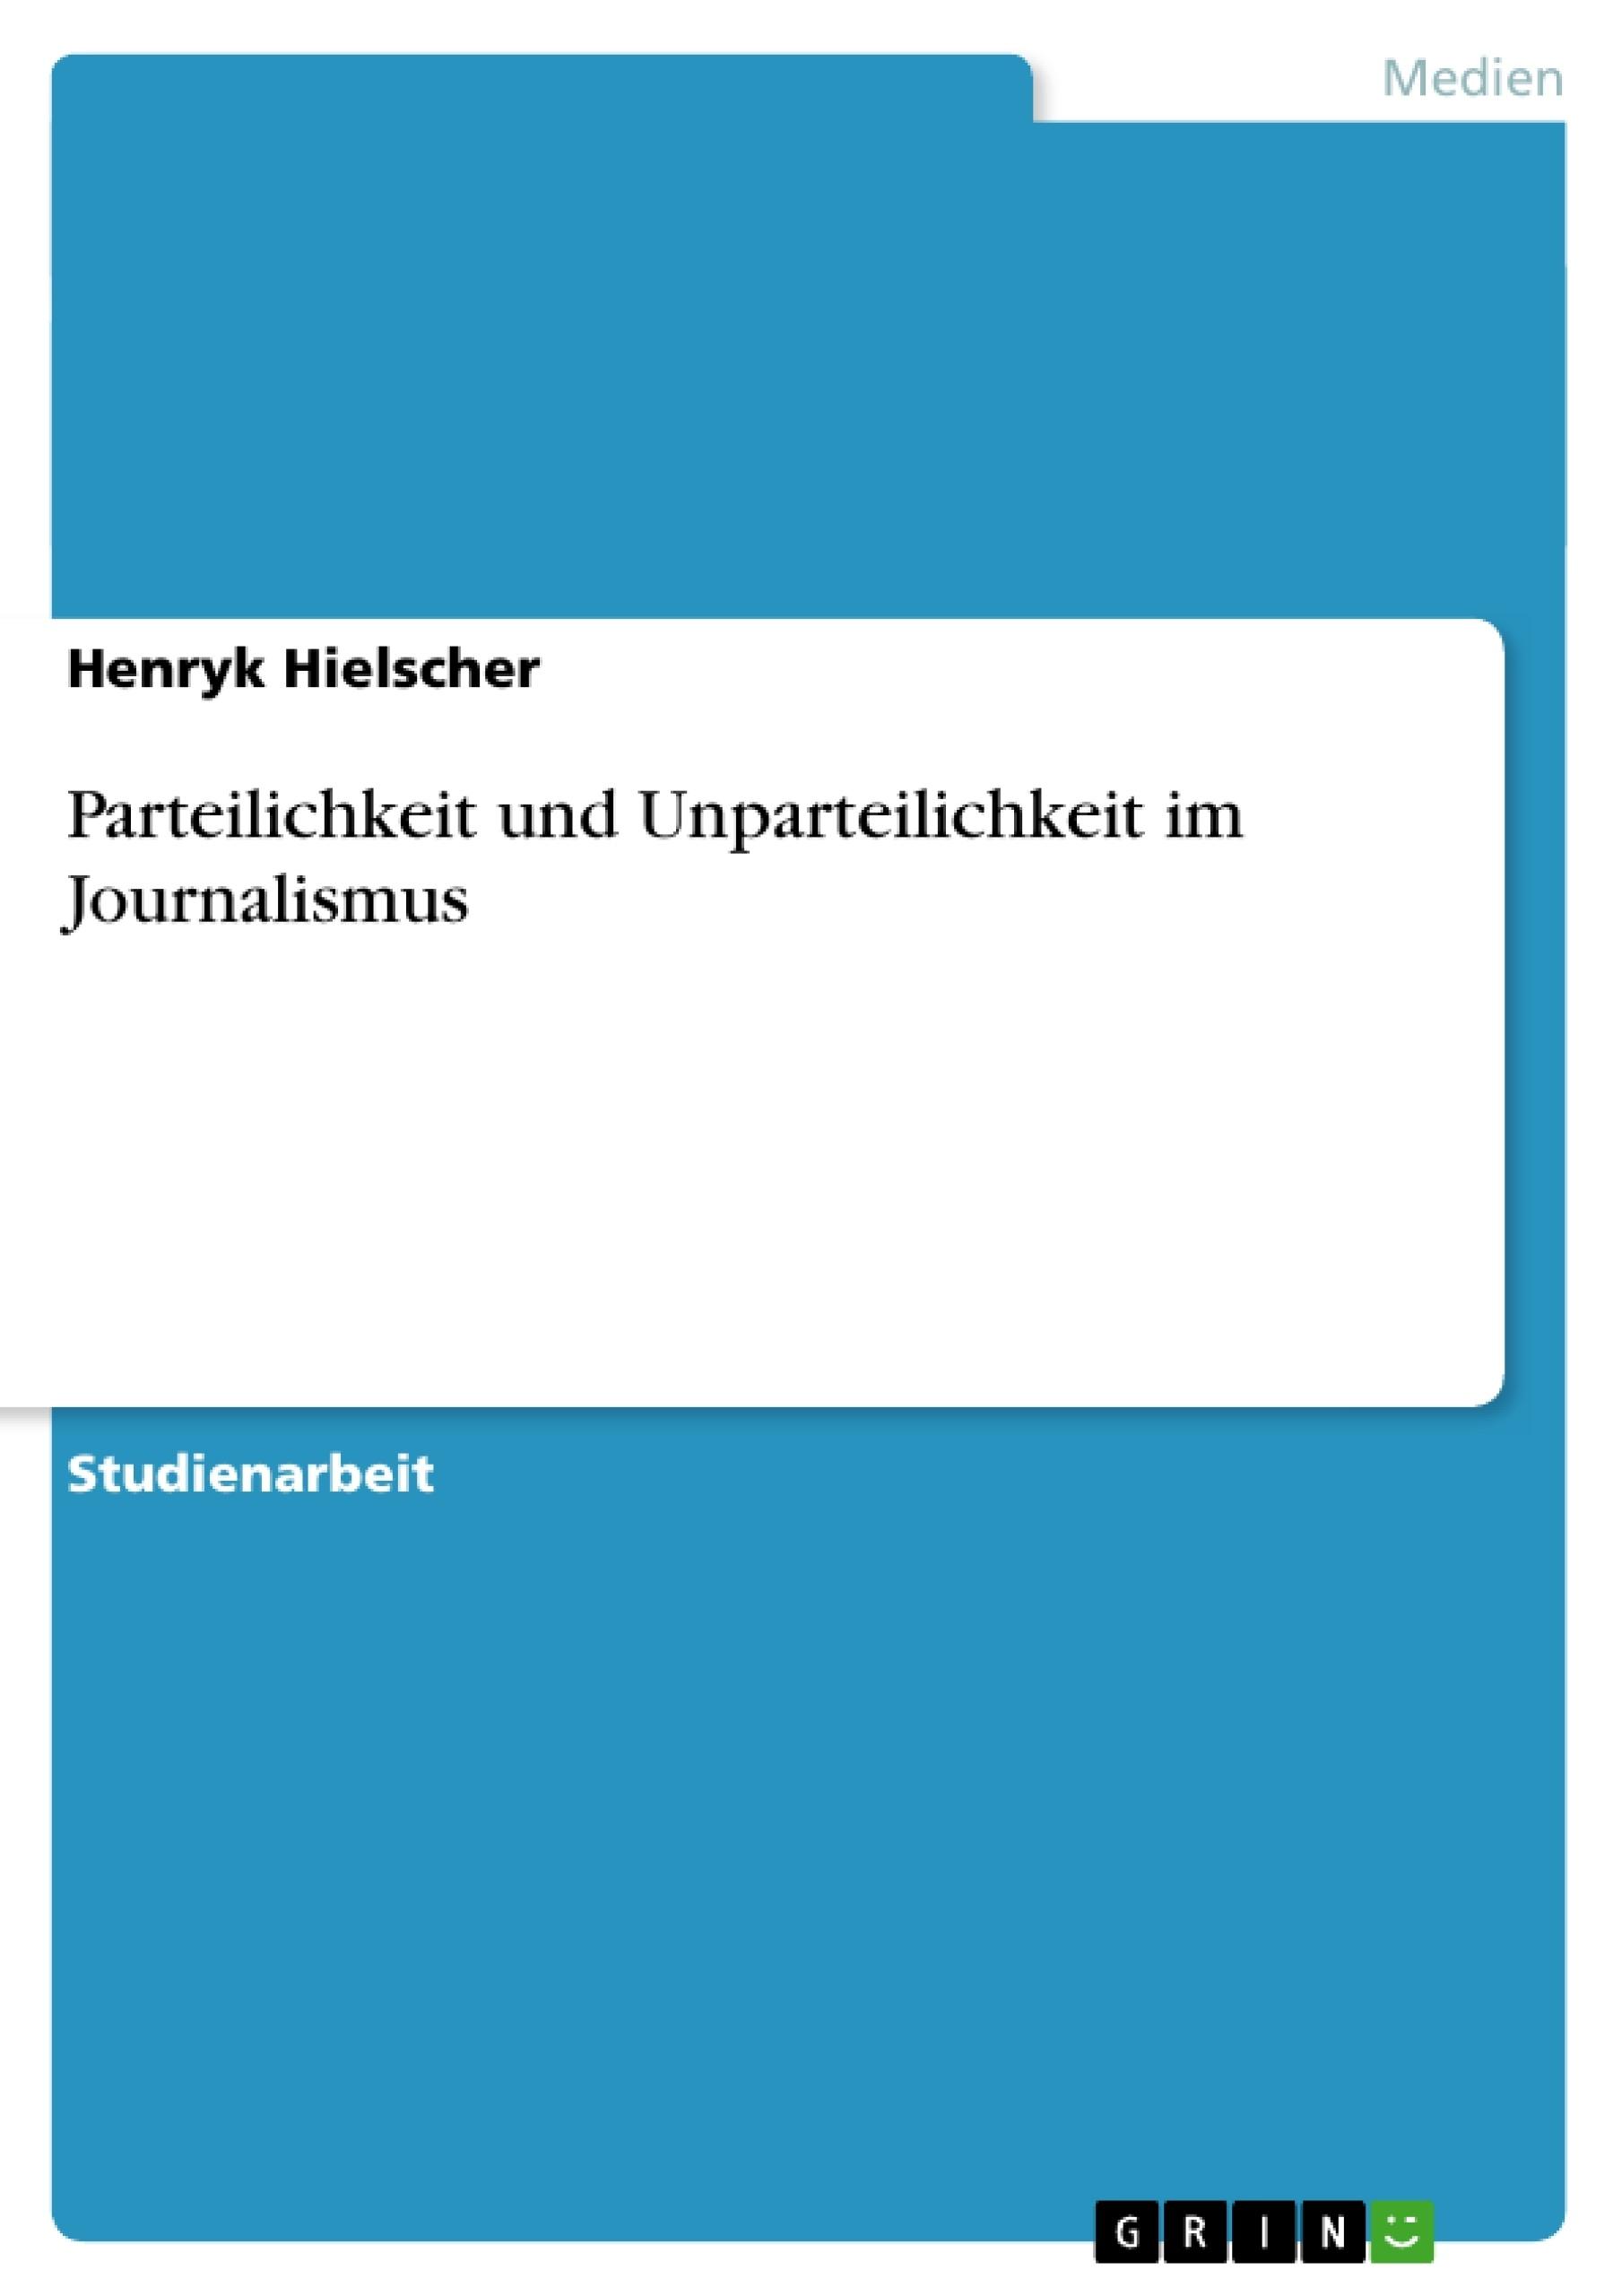 Titel: Parteilichkeit und Unparteilichkeit im Journalismus